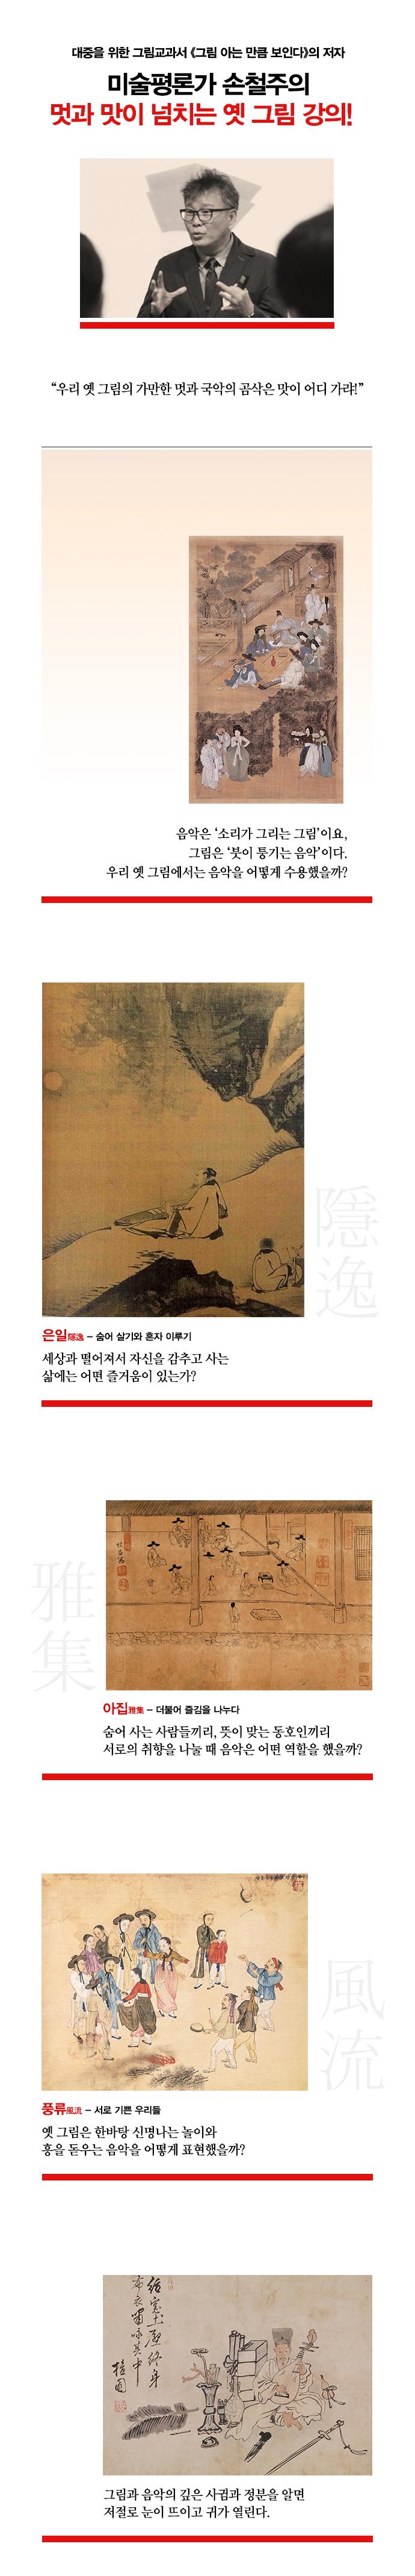 흥, 손철주의 음악이 있는 옛 그림 강의 도서 상세이미지